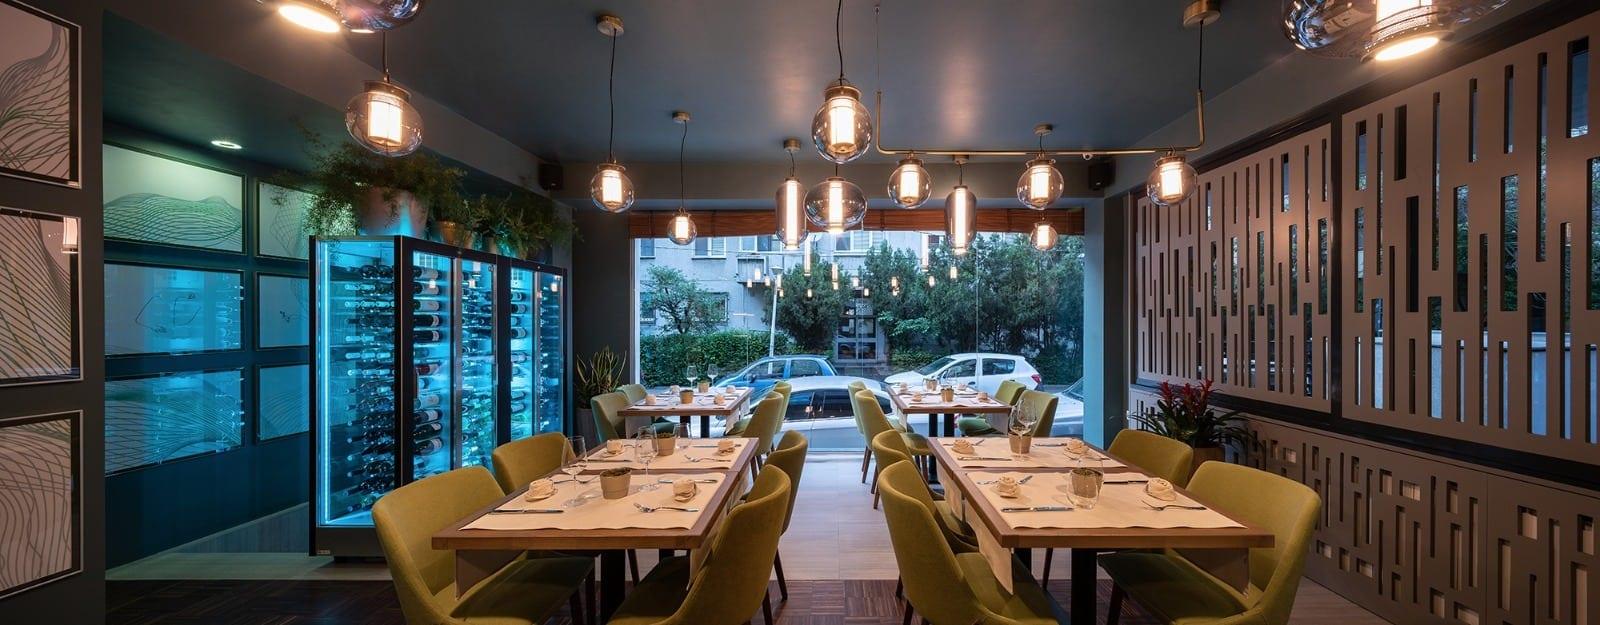 image3 - Restaurantul ATYPIC lansează și divizia de evenimente private